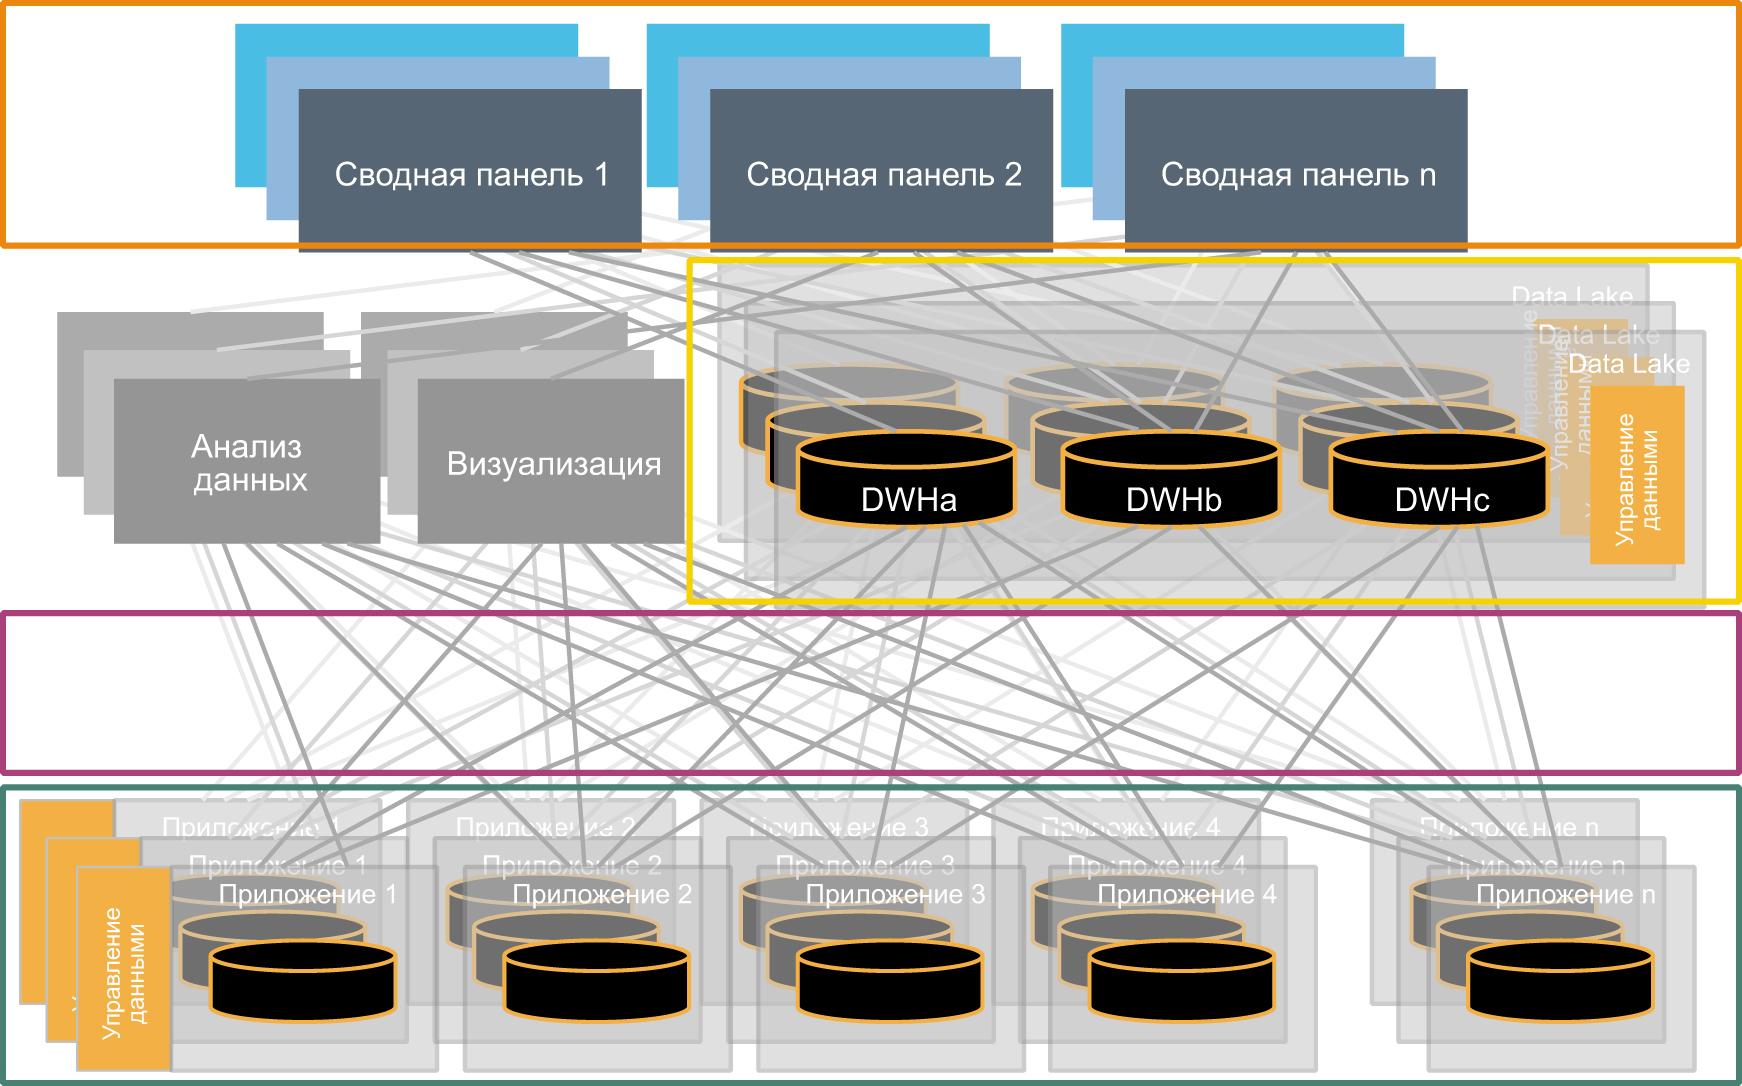 Принцип выбора «лучшего в своей области» в отношении IIoT-платформ может повысить сложность, уже существующую в производственных средах, как, например, в классической «спагетти-архитектуре»